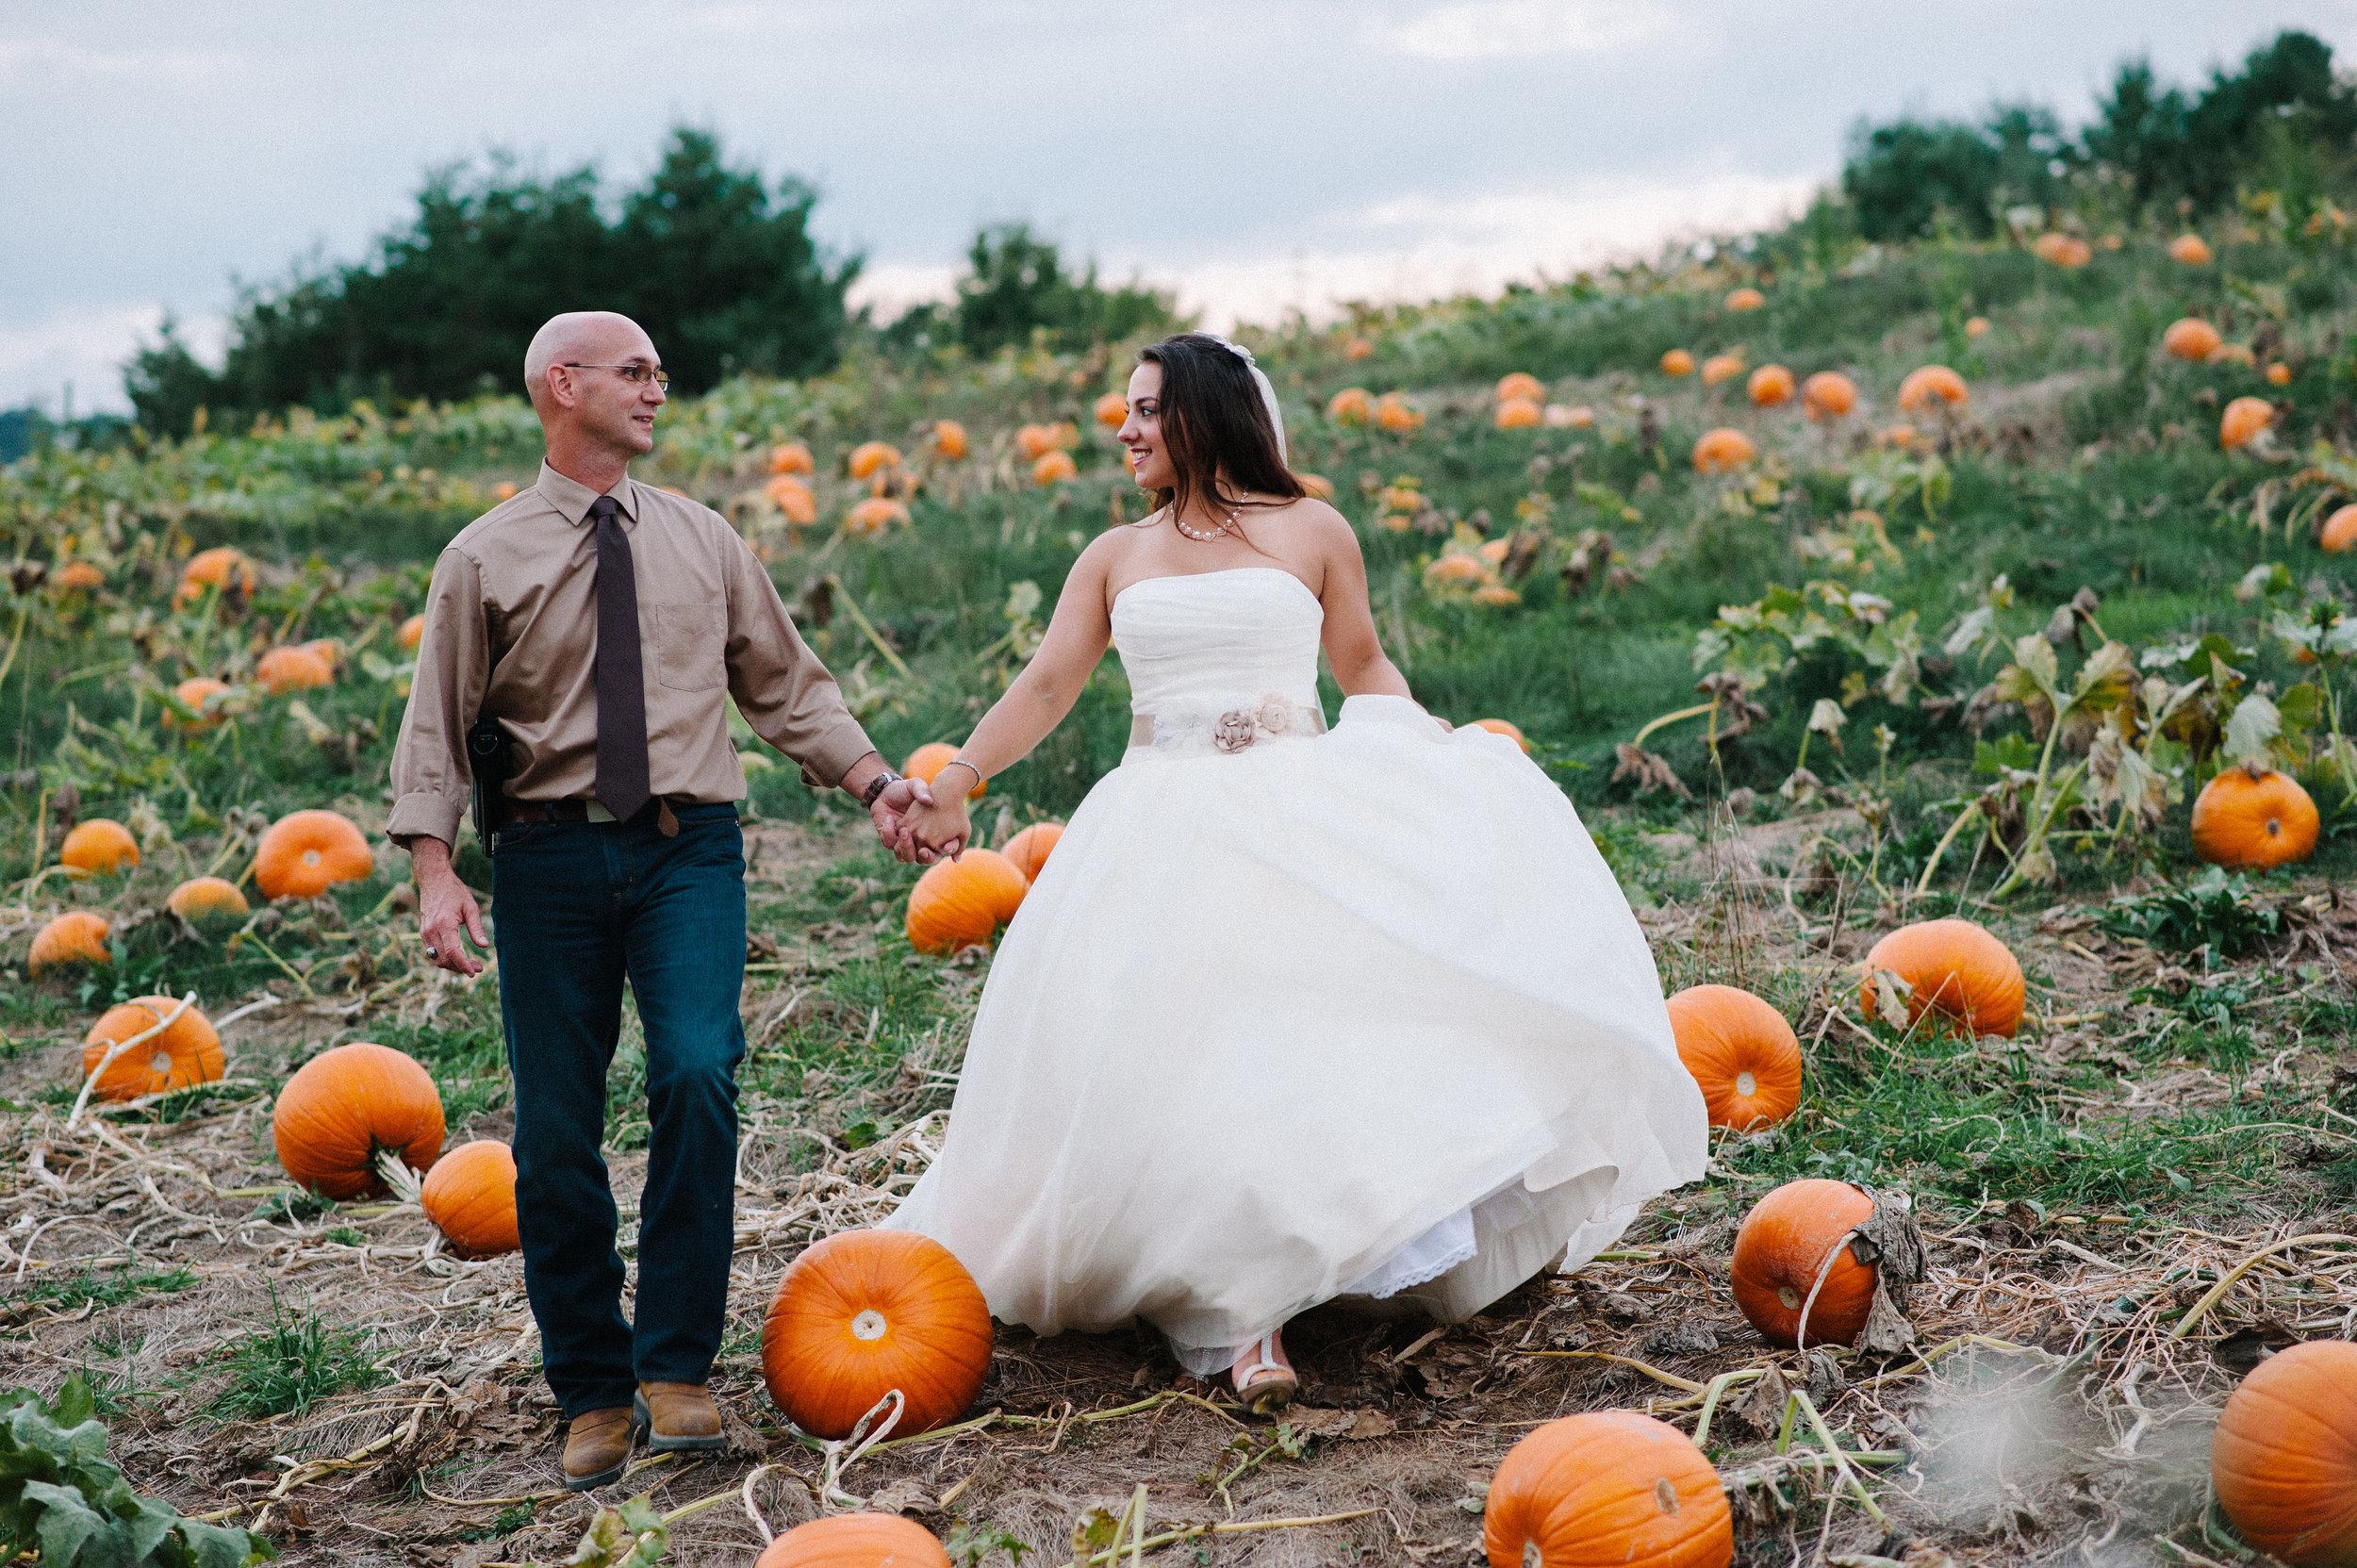 bride-and-groom-walking-pumpkins.jpg